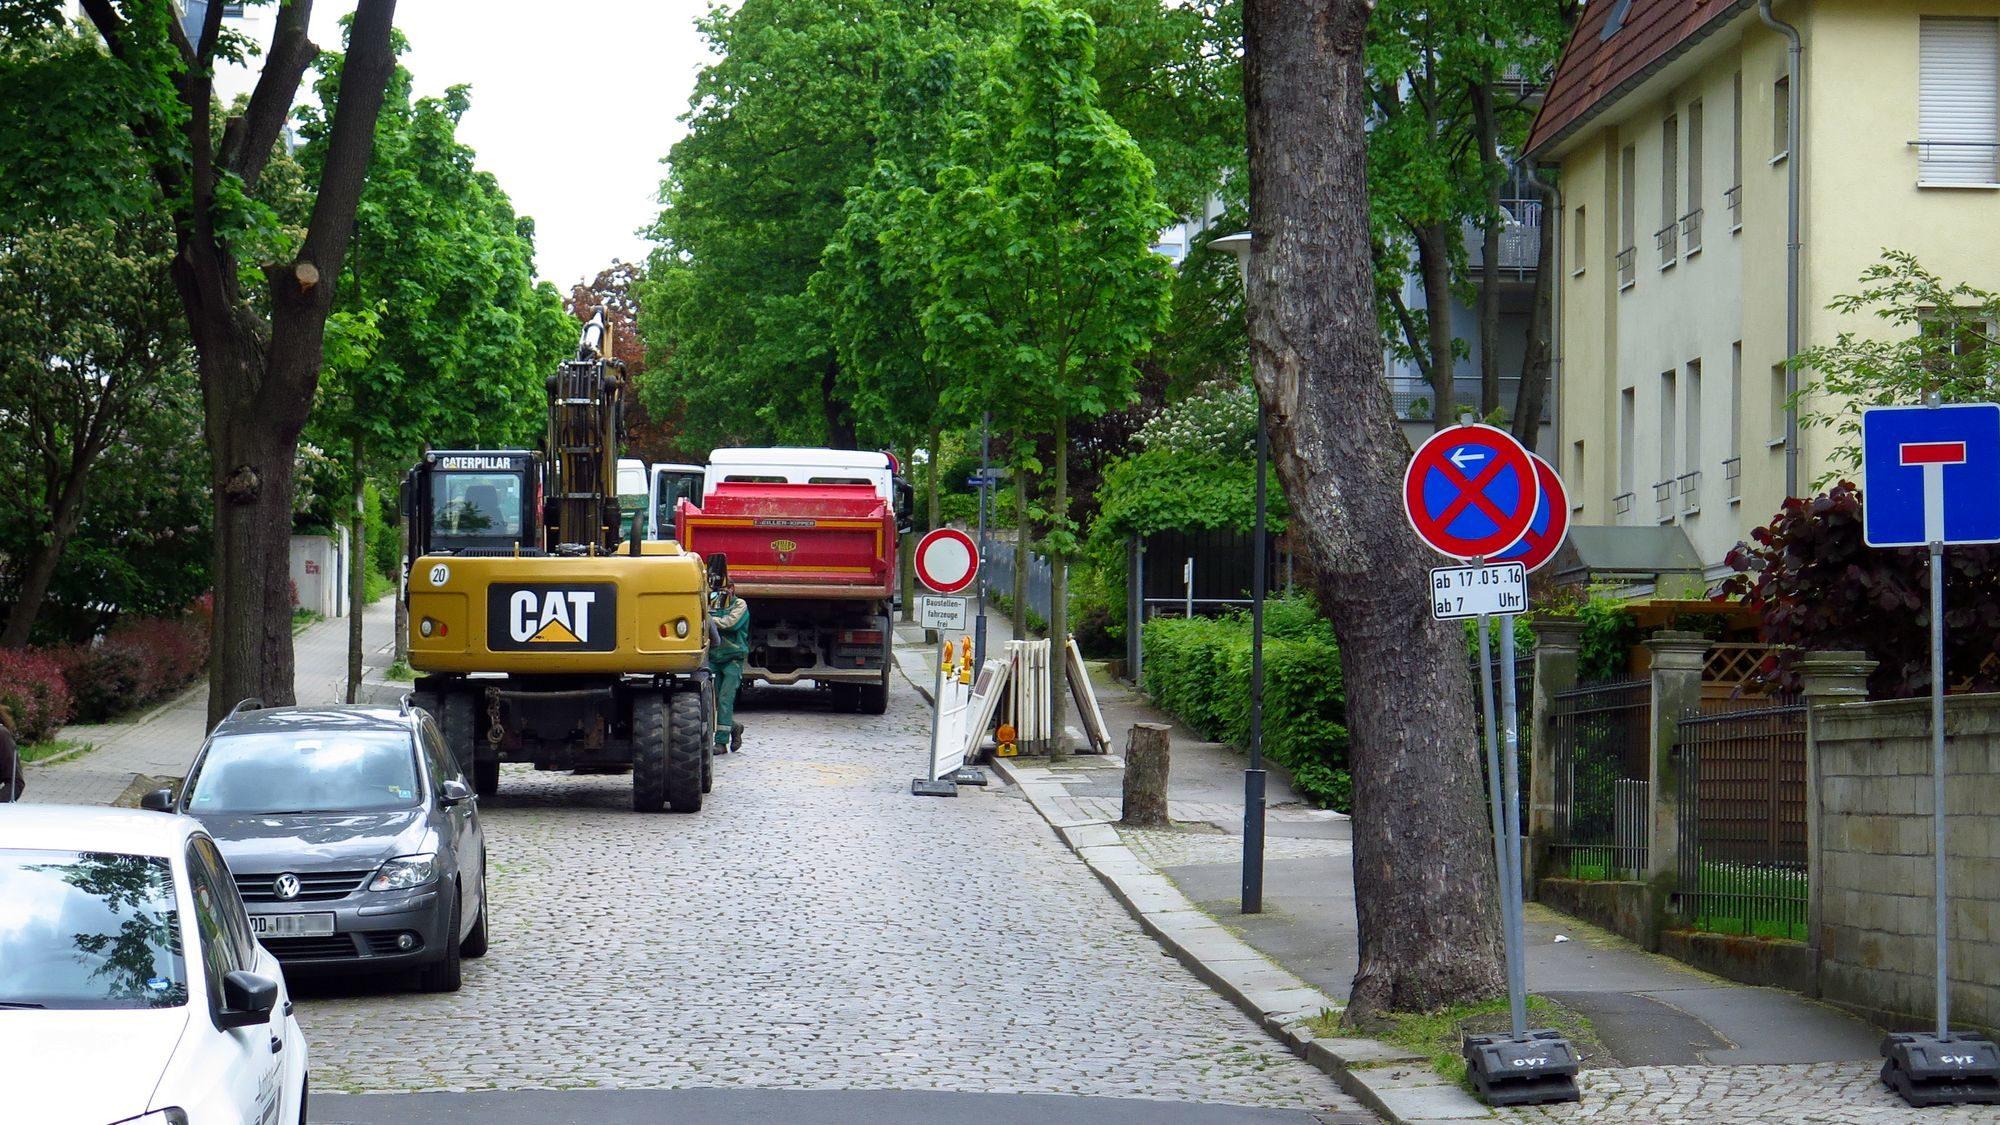 Jägerstraße und Nordstraße teilweise gesperrt: Nordstraße ist zwischen Bach- und Baumstraße komplett gesperrt.